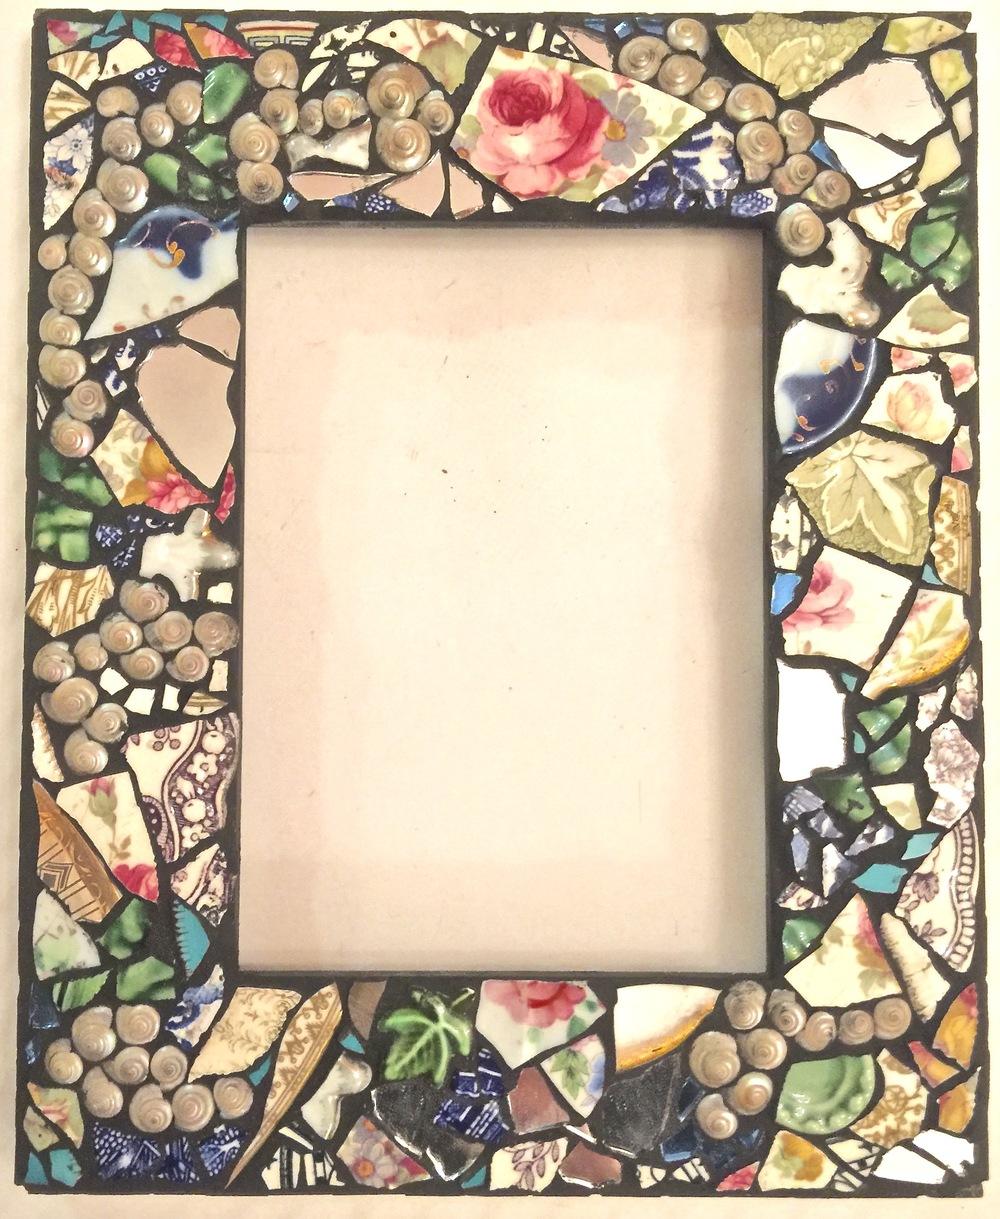 Mosaic Mirror/Frame 5x7 $70